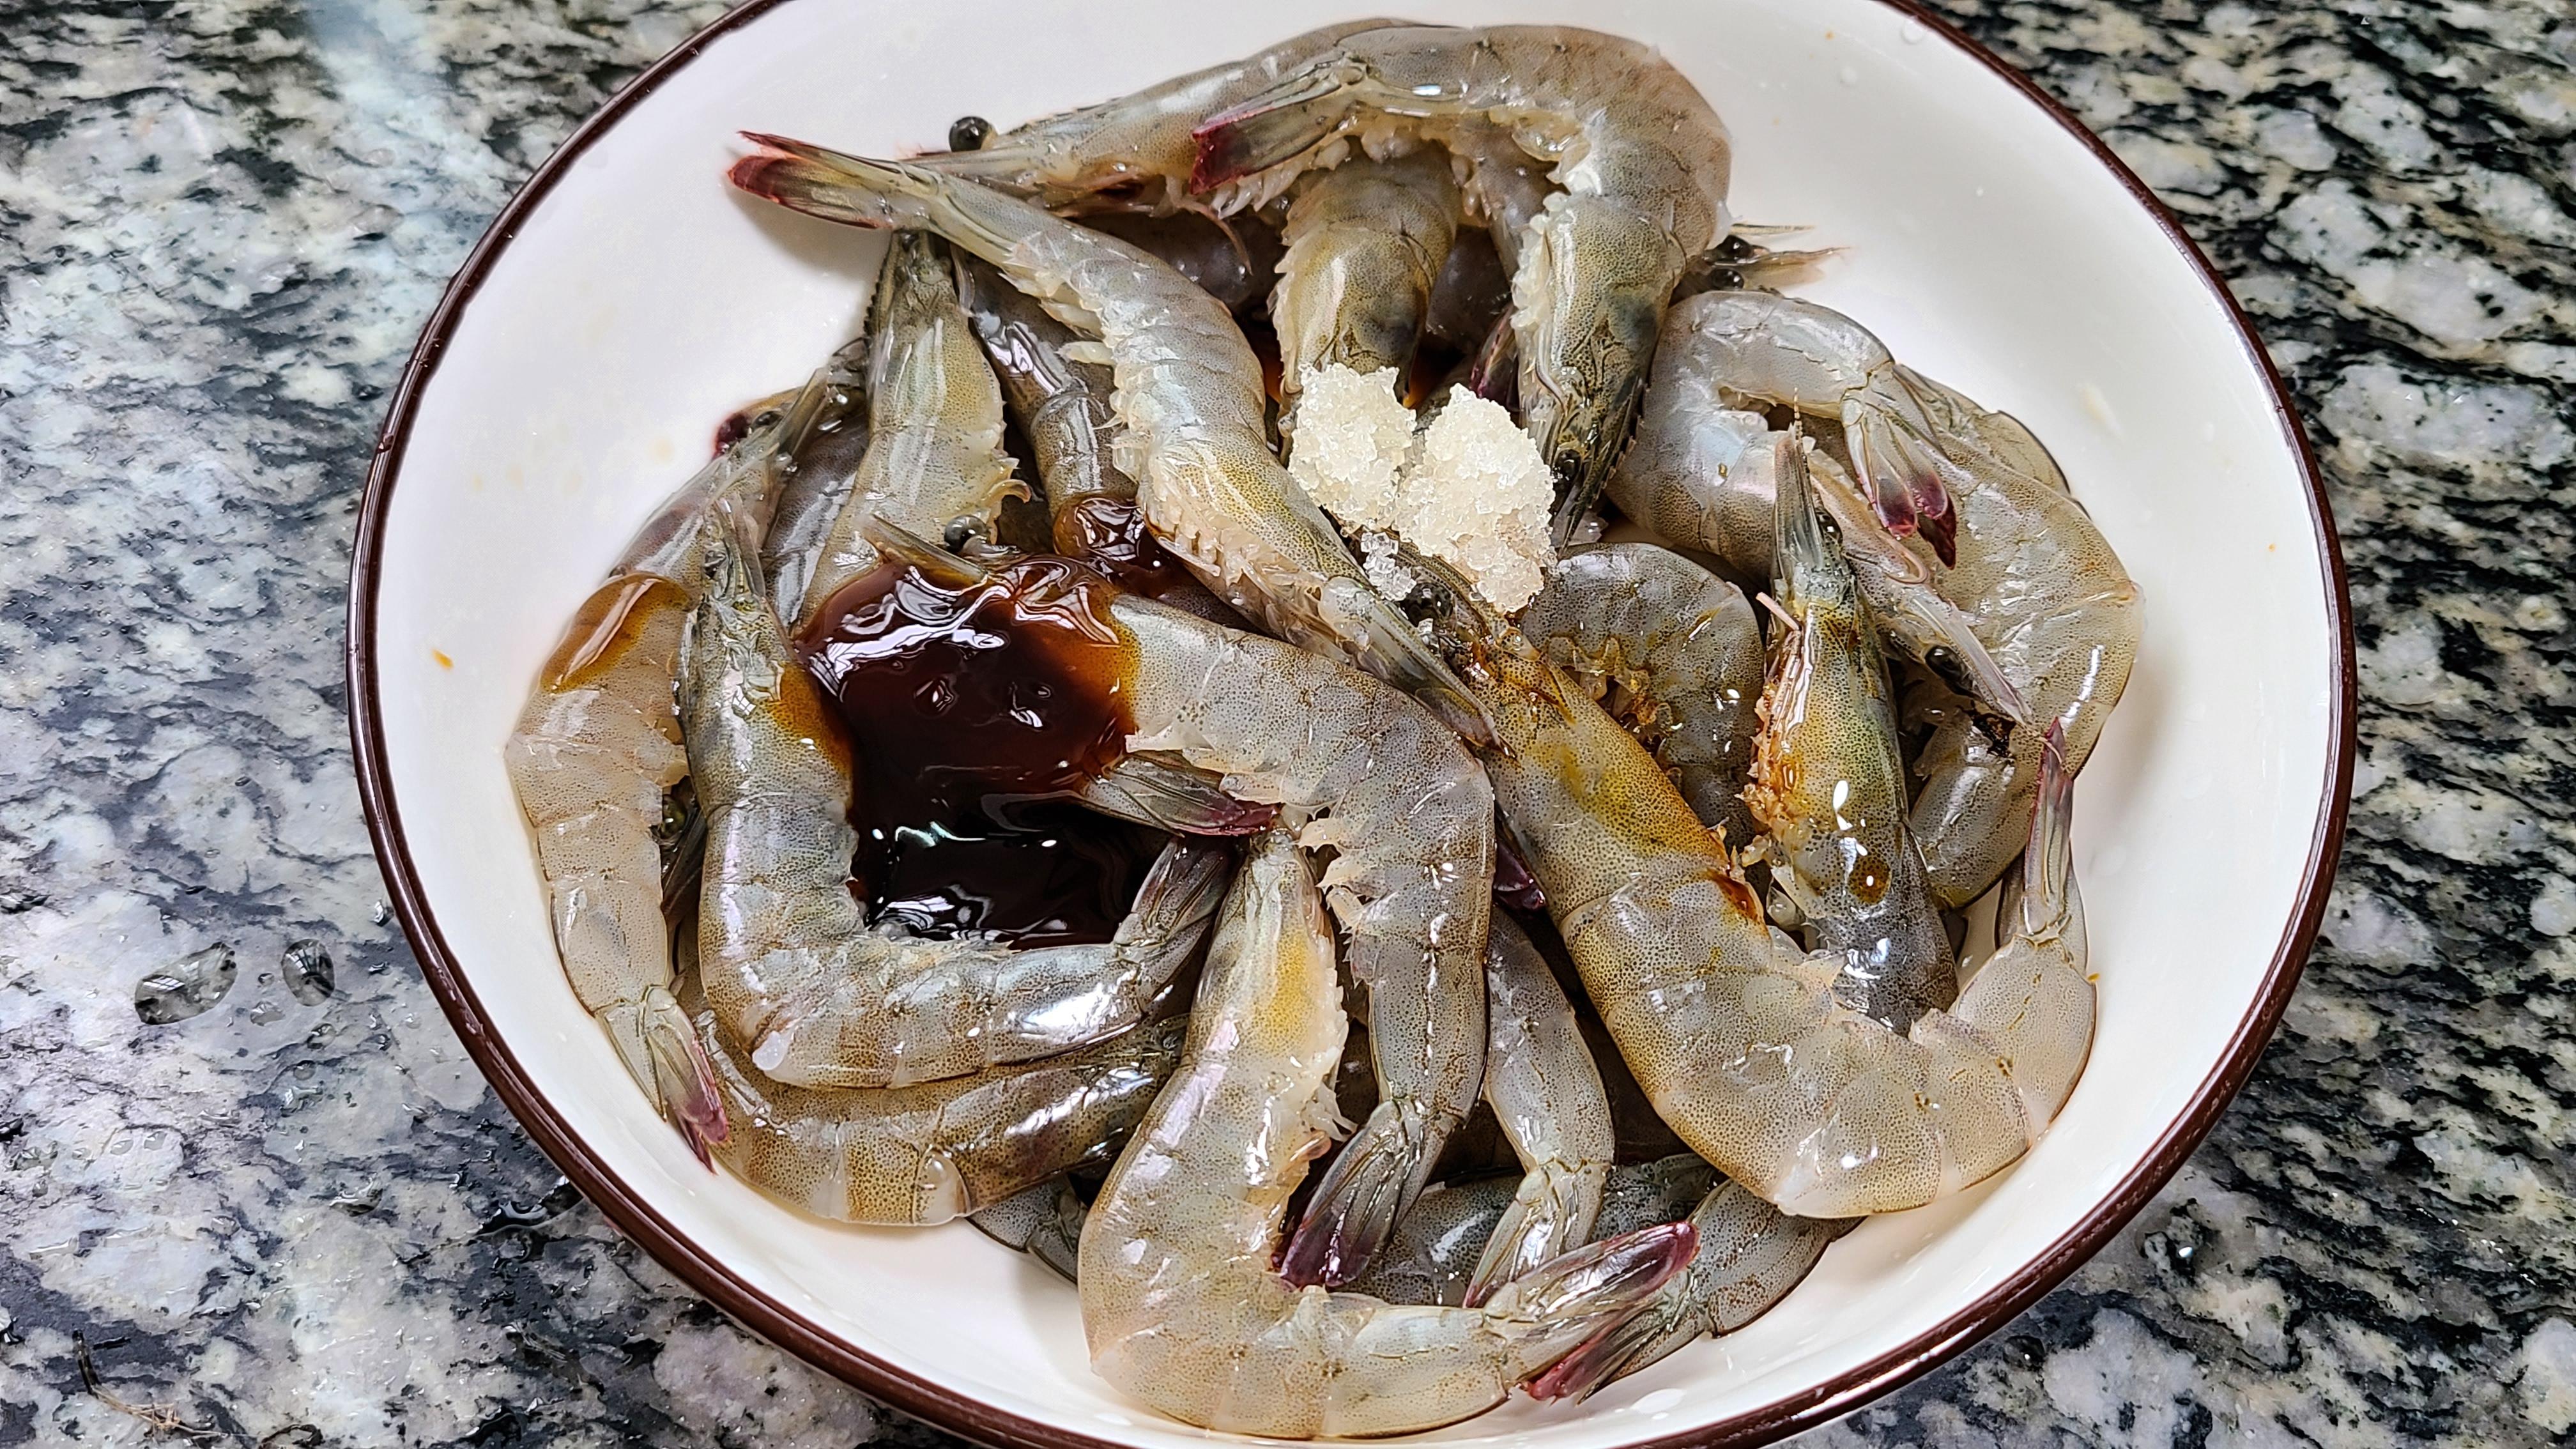 焗大蝦,又香又好吃的一道廣東美食,學會給家人露一手